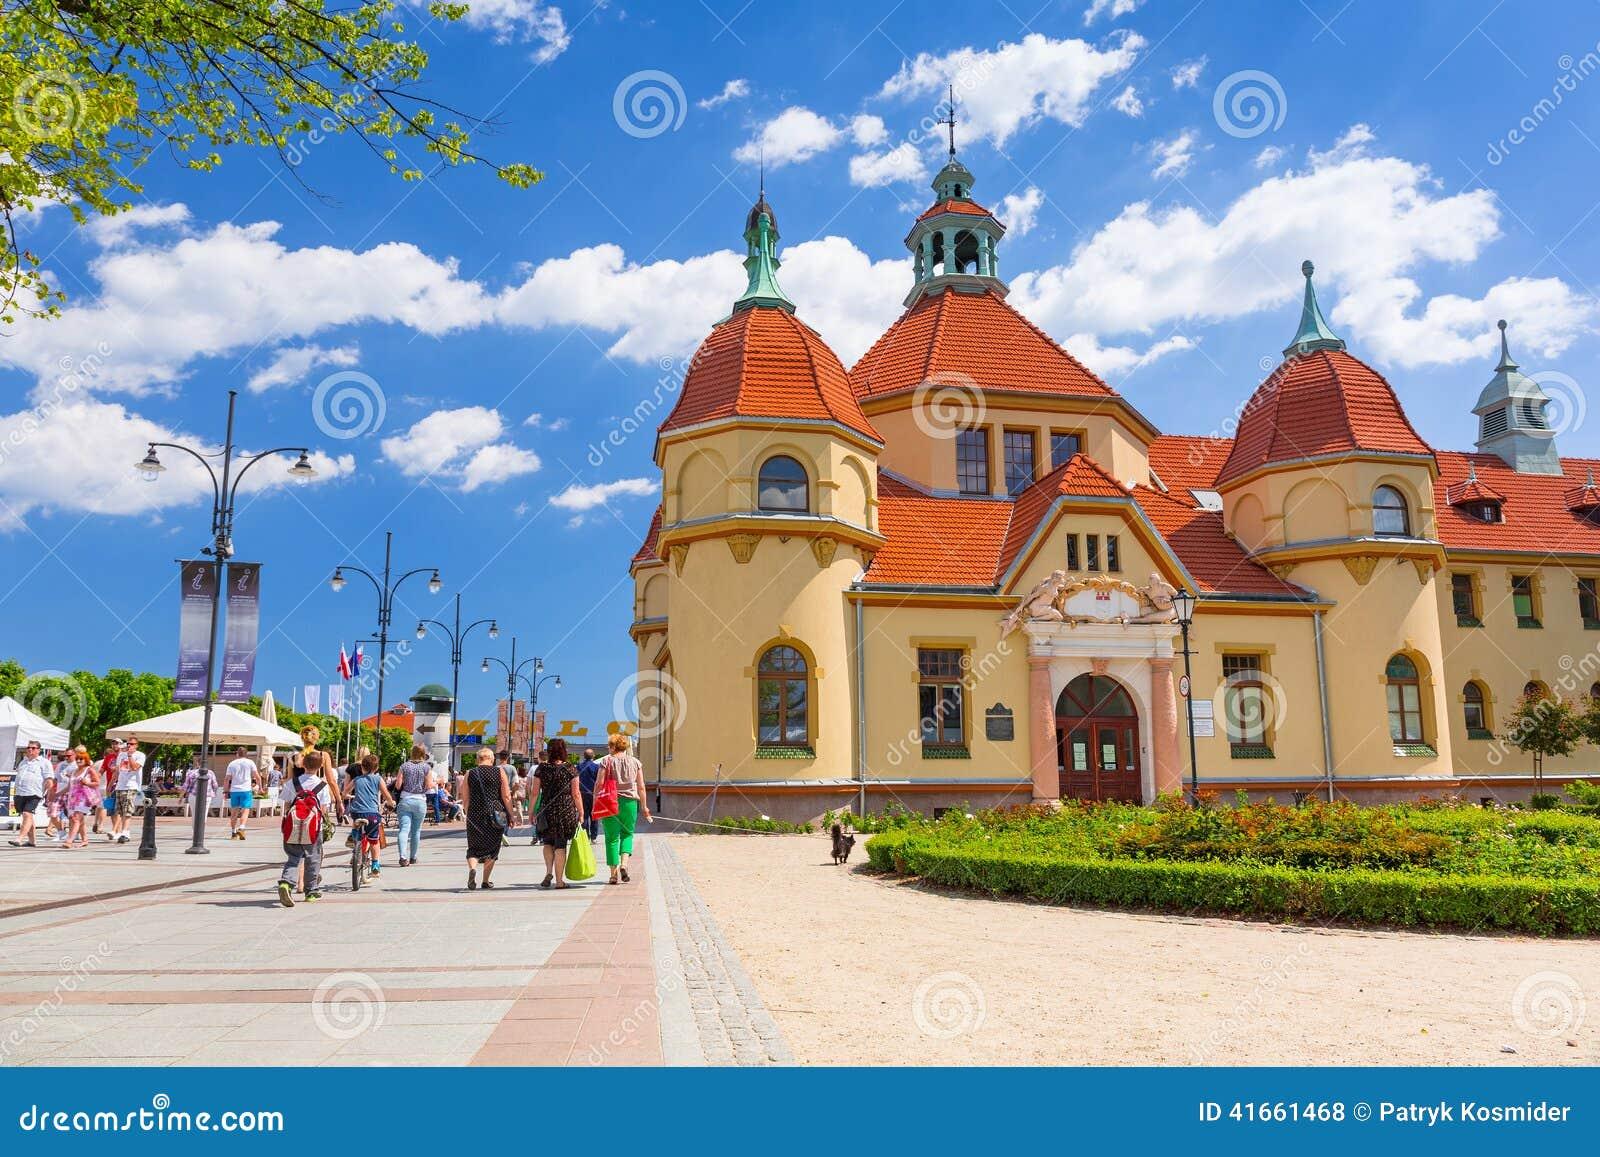 Rchitecture Sopot на Molo в Польше